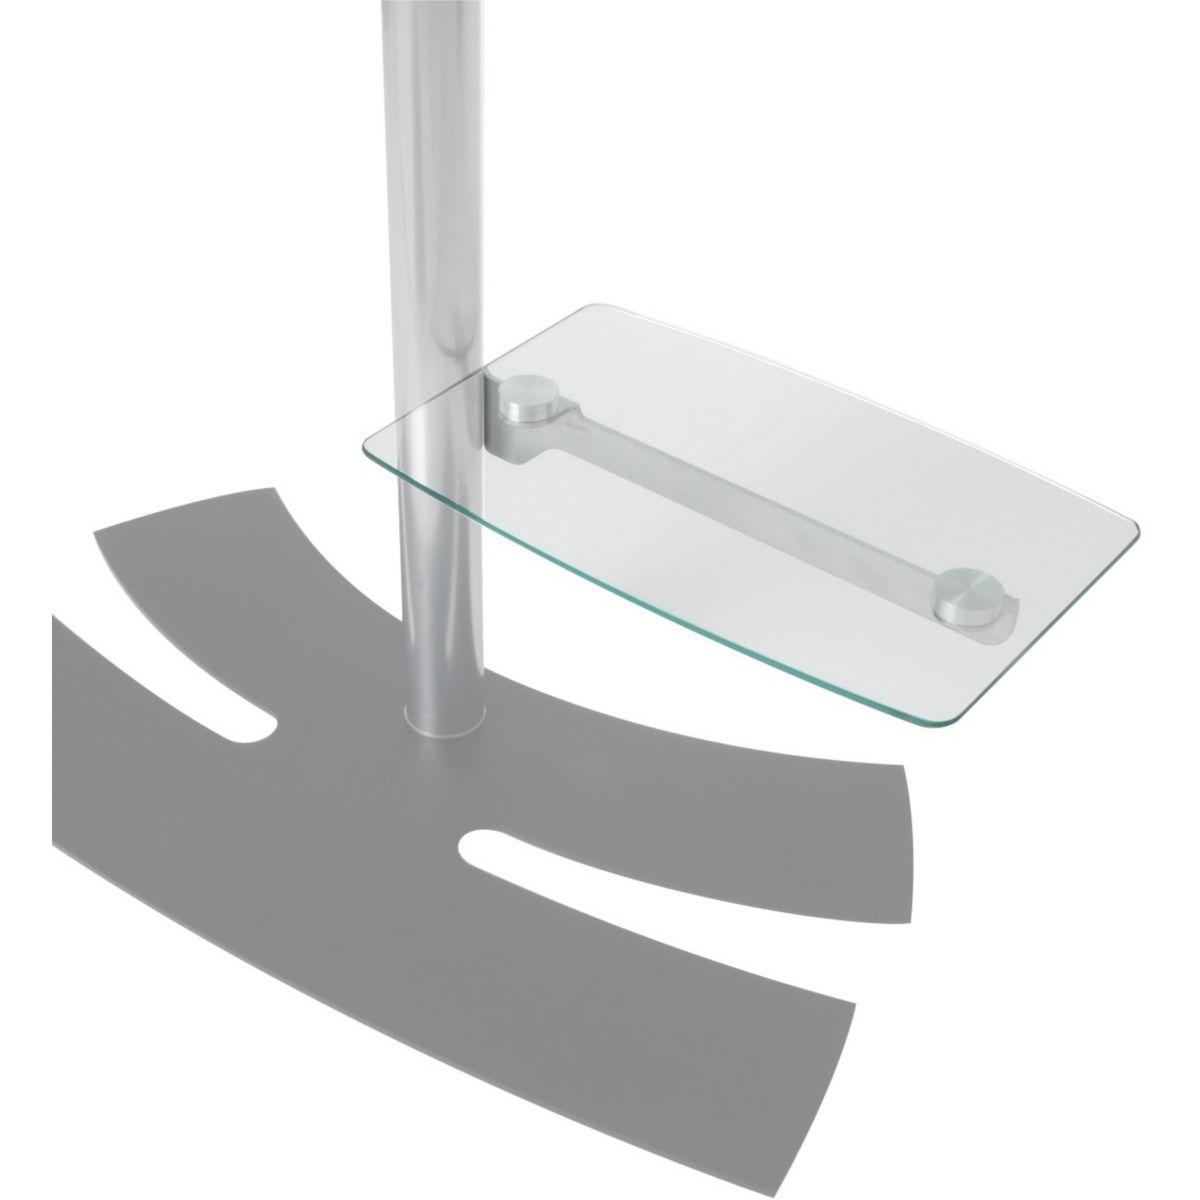 Erard tablette pied lux-up 038400 - 20% de remise imm�diate avec le code : noel20 (photo)